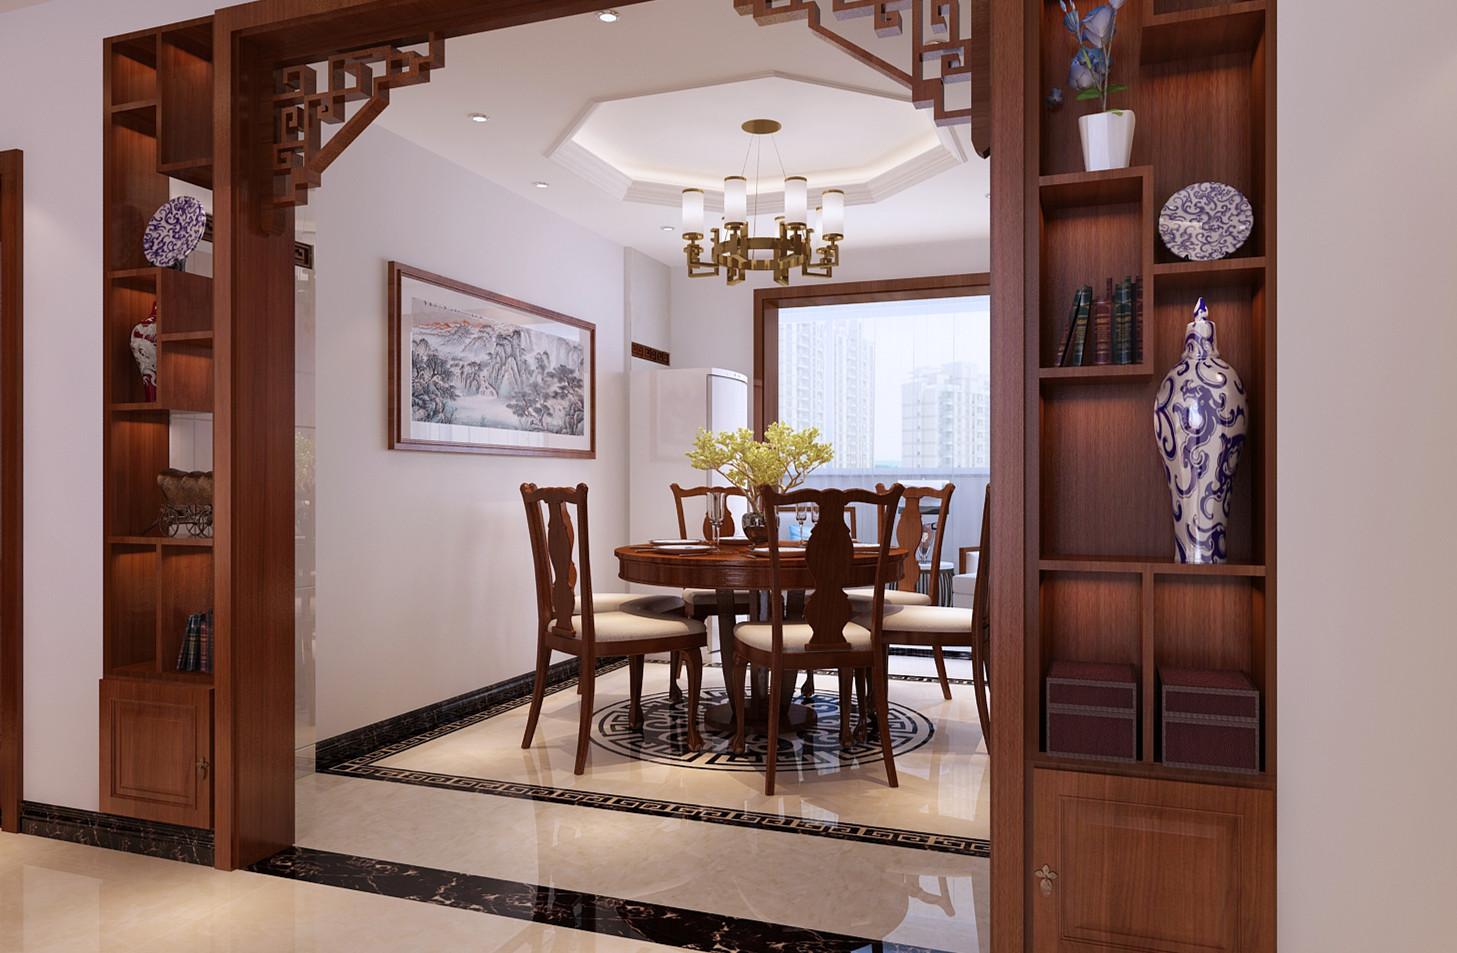 客厅电视背景墙造型简单大方,以玉石和木质线条为主,中间贴中式比划